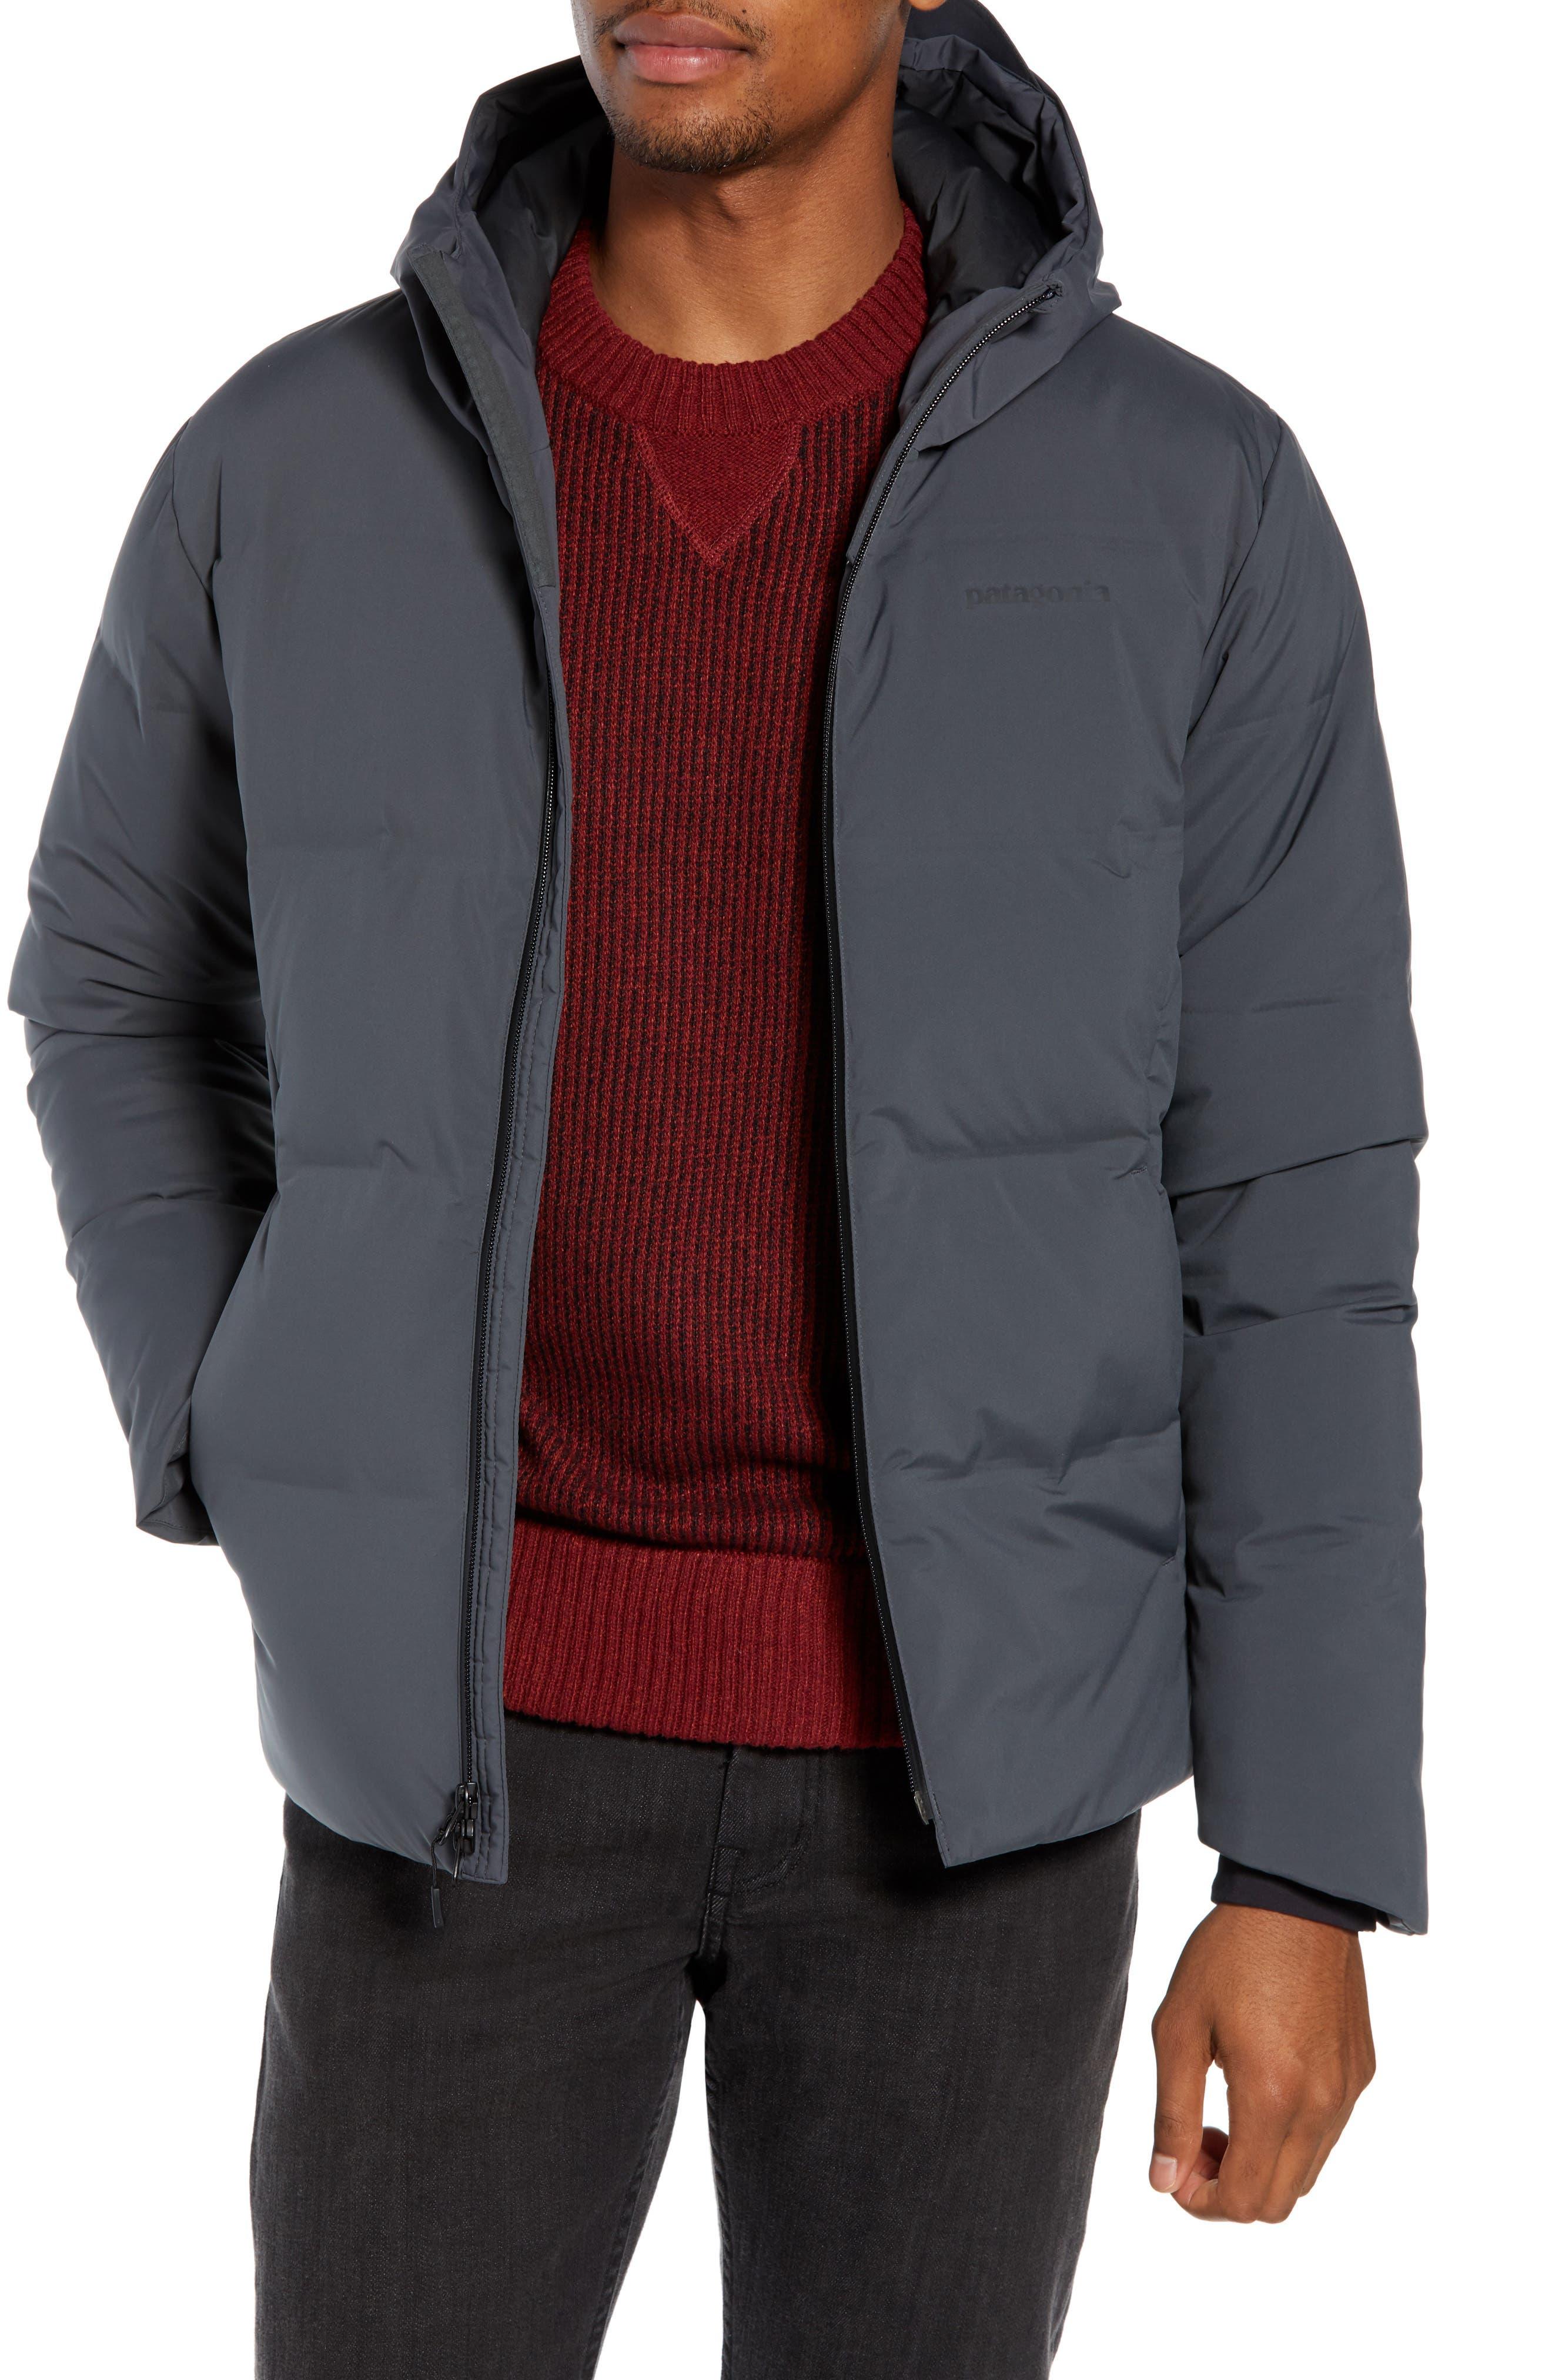 Patagonia Jackson Glacier Jacket, Grey